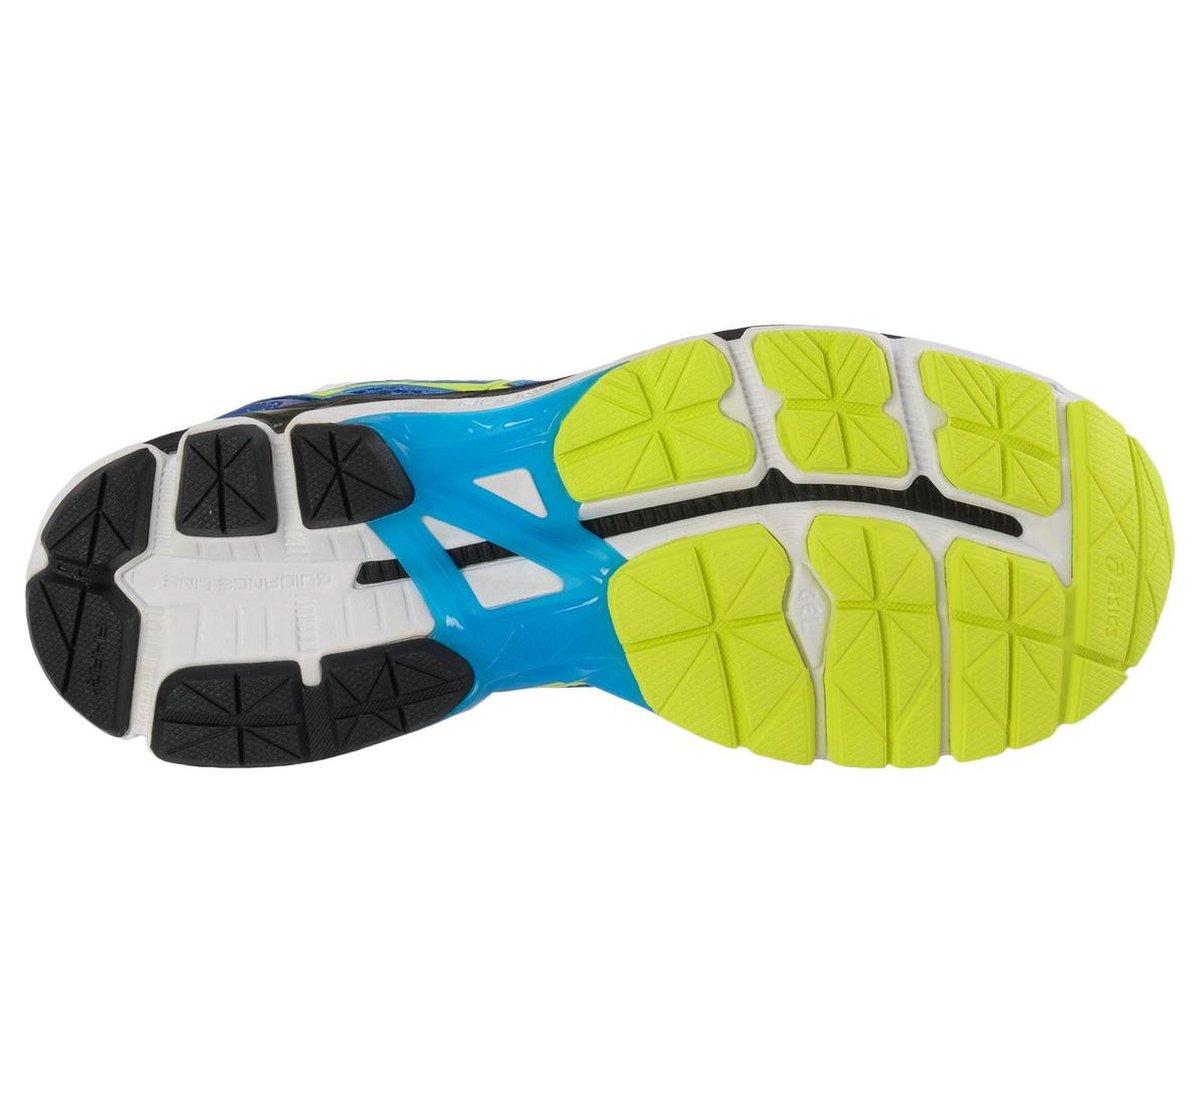 | Asics GT 2000 3 Hardloopschoenen Mannen Maat